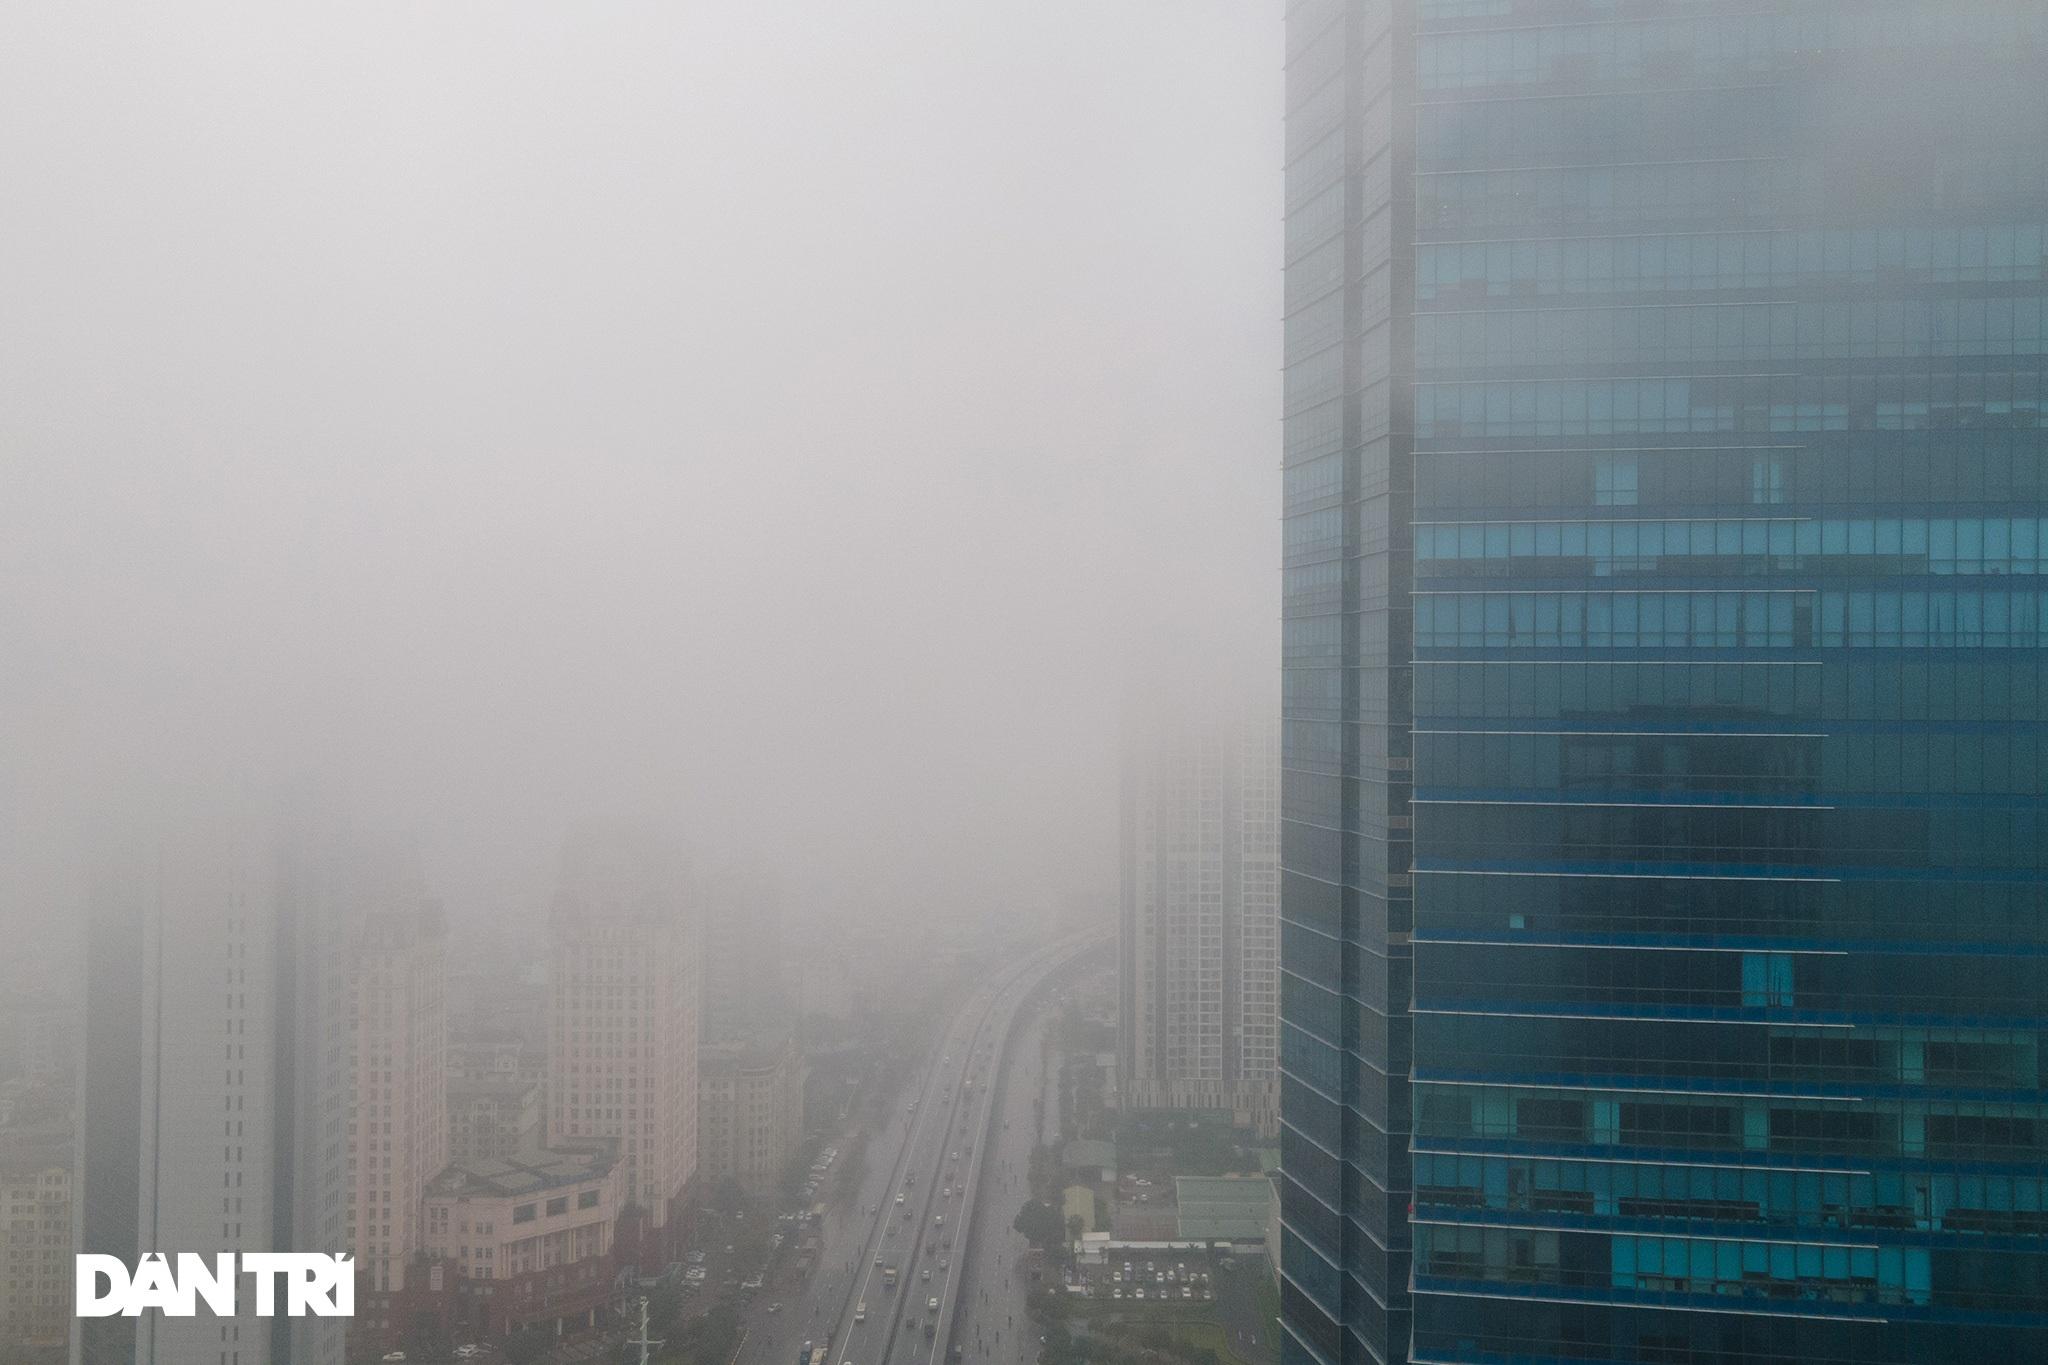 Những tòa nhà chọc trời ở Hà Nội biến mất trong làn sương dày đặc - 9